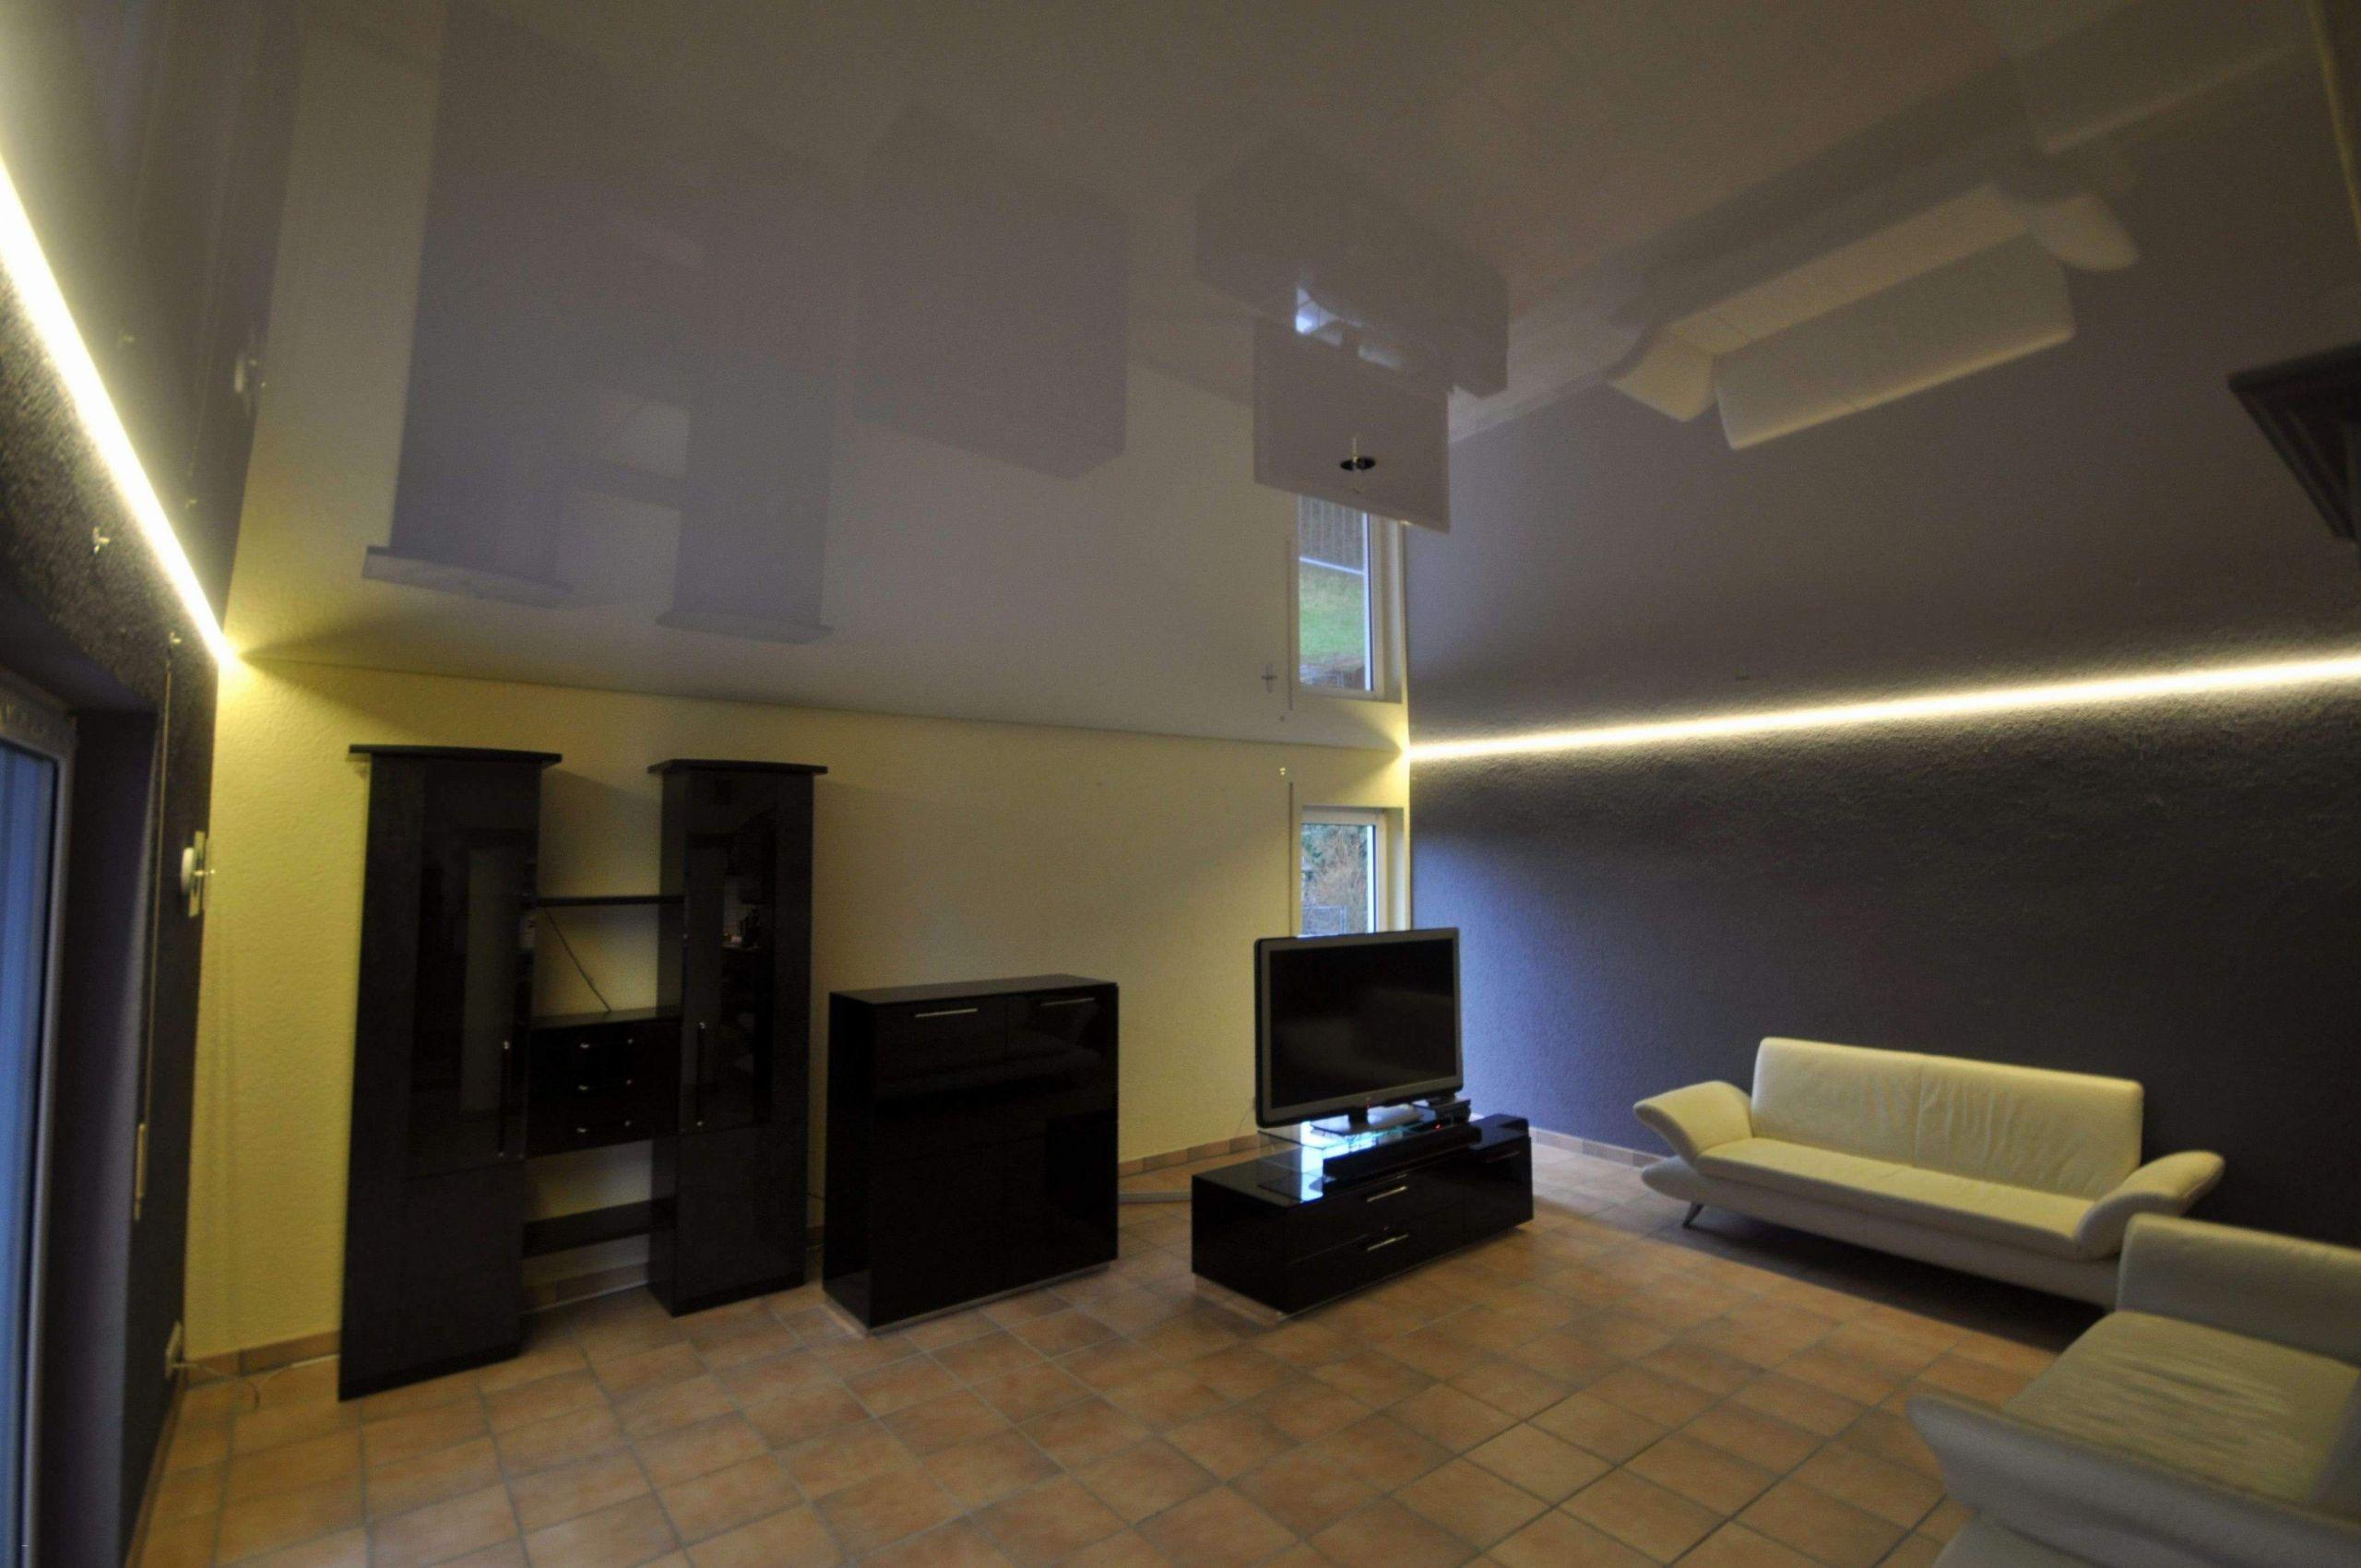 decke wohnzimmer reizend wohnzimmer licht 0d design ideen von wohnzimmer lampen decke of decke wohnzimmer